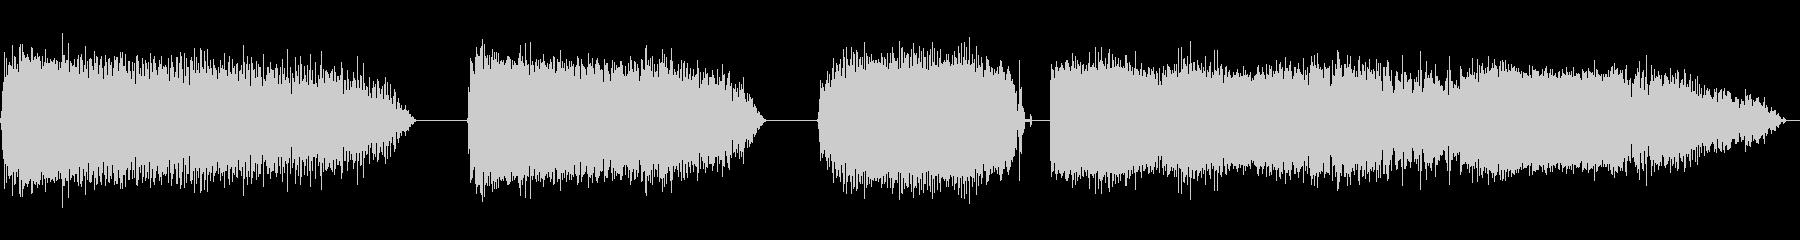 ゾンビの声の未再生の波形